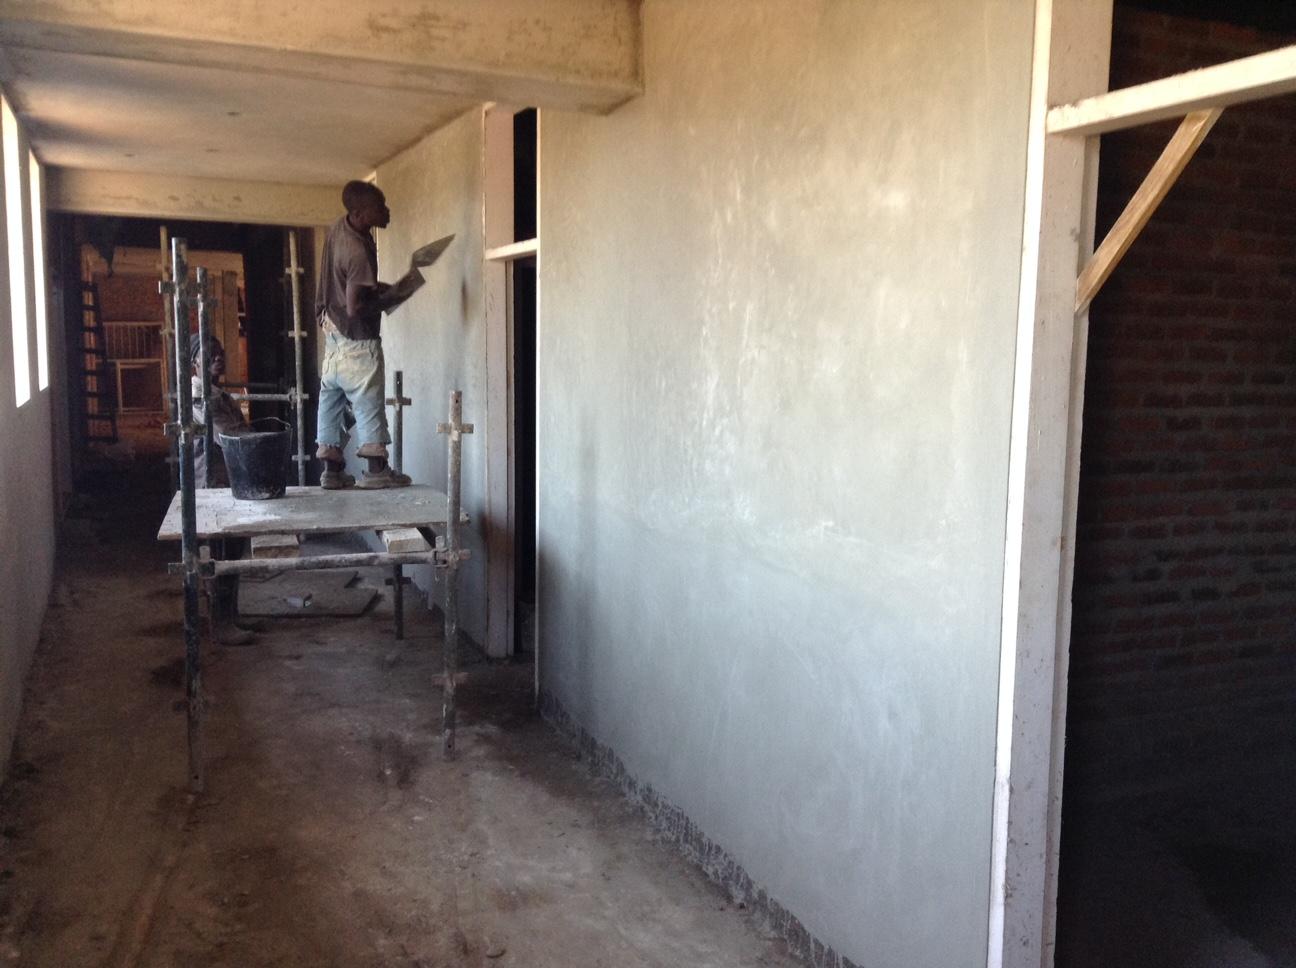 Plastering Hallways - April 2016